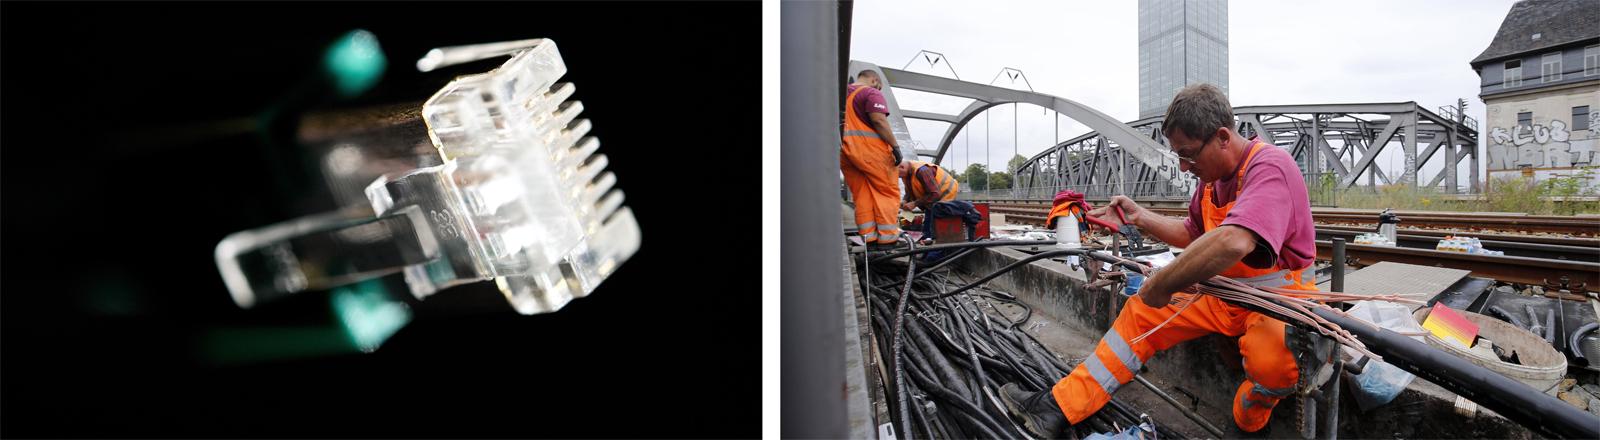 Netzwerkkabel und Kabelarbeiten an einer Berliner S-Bahnstrecke